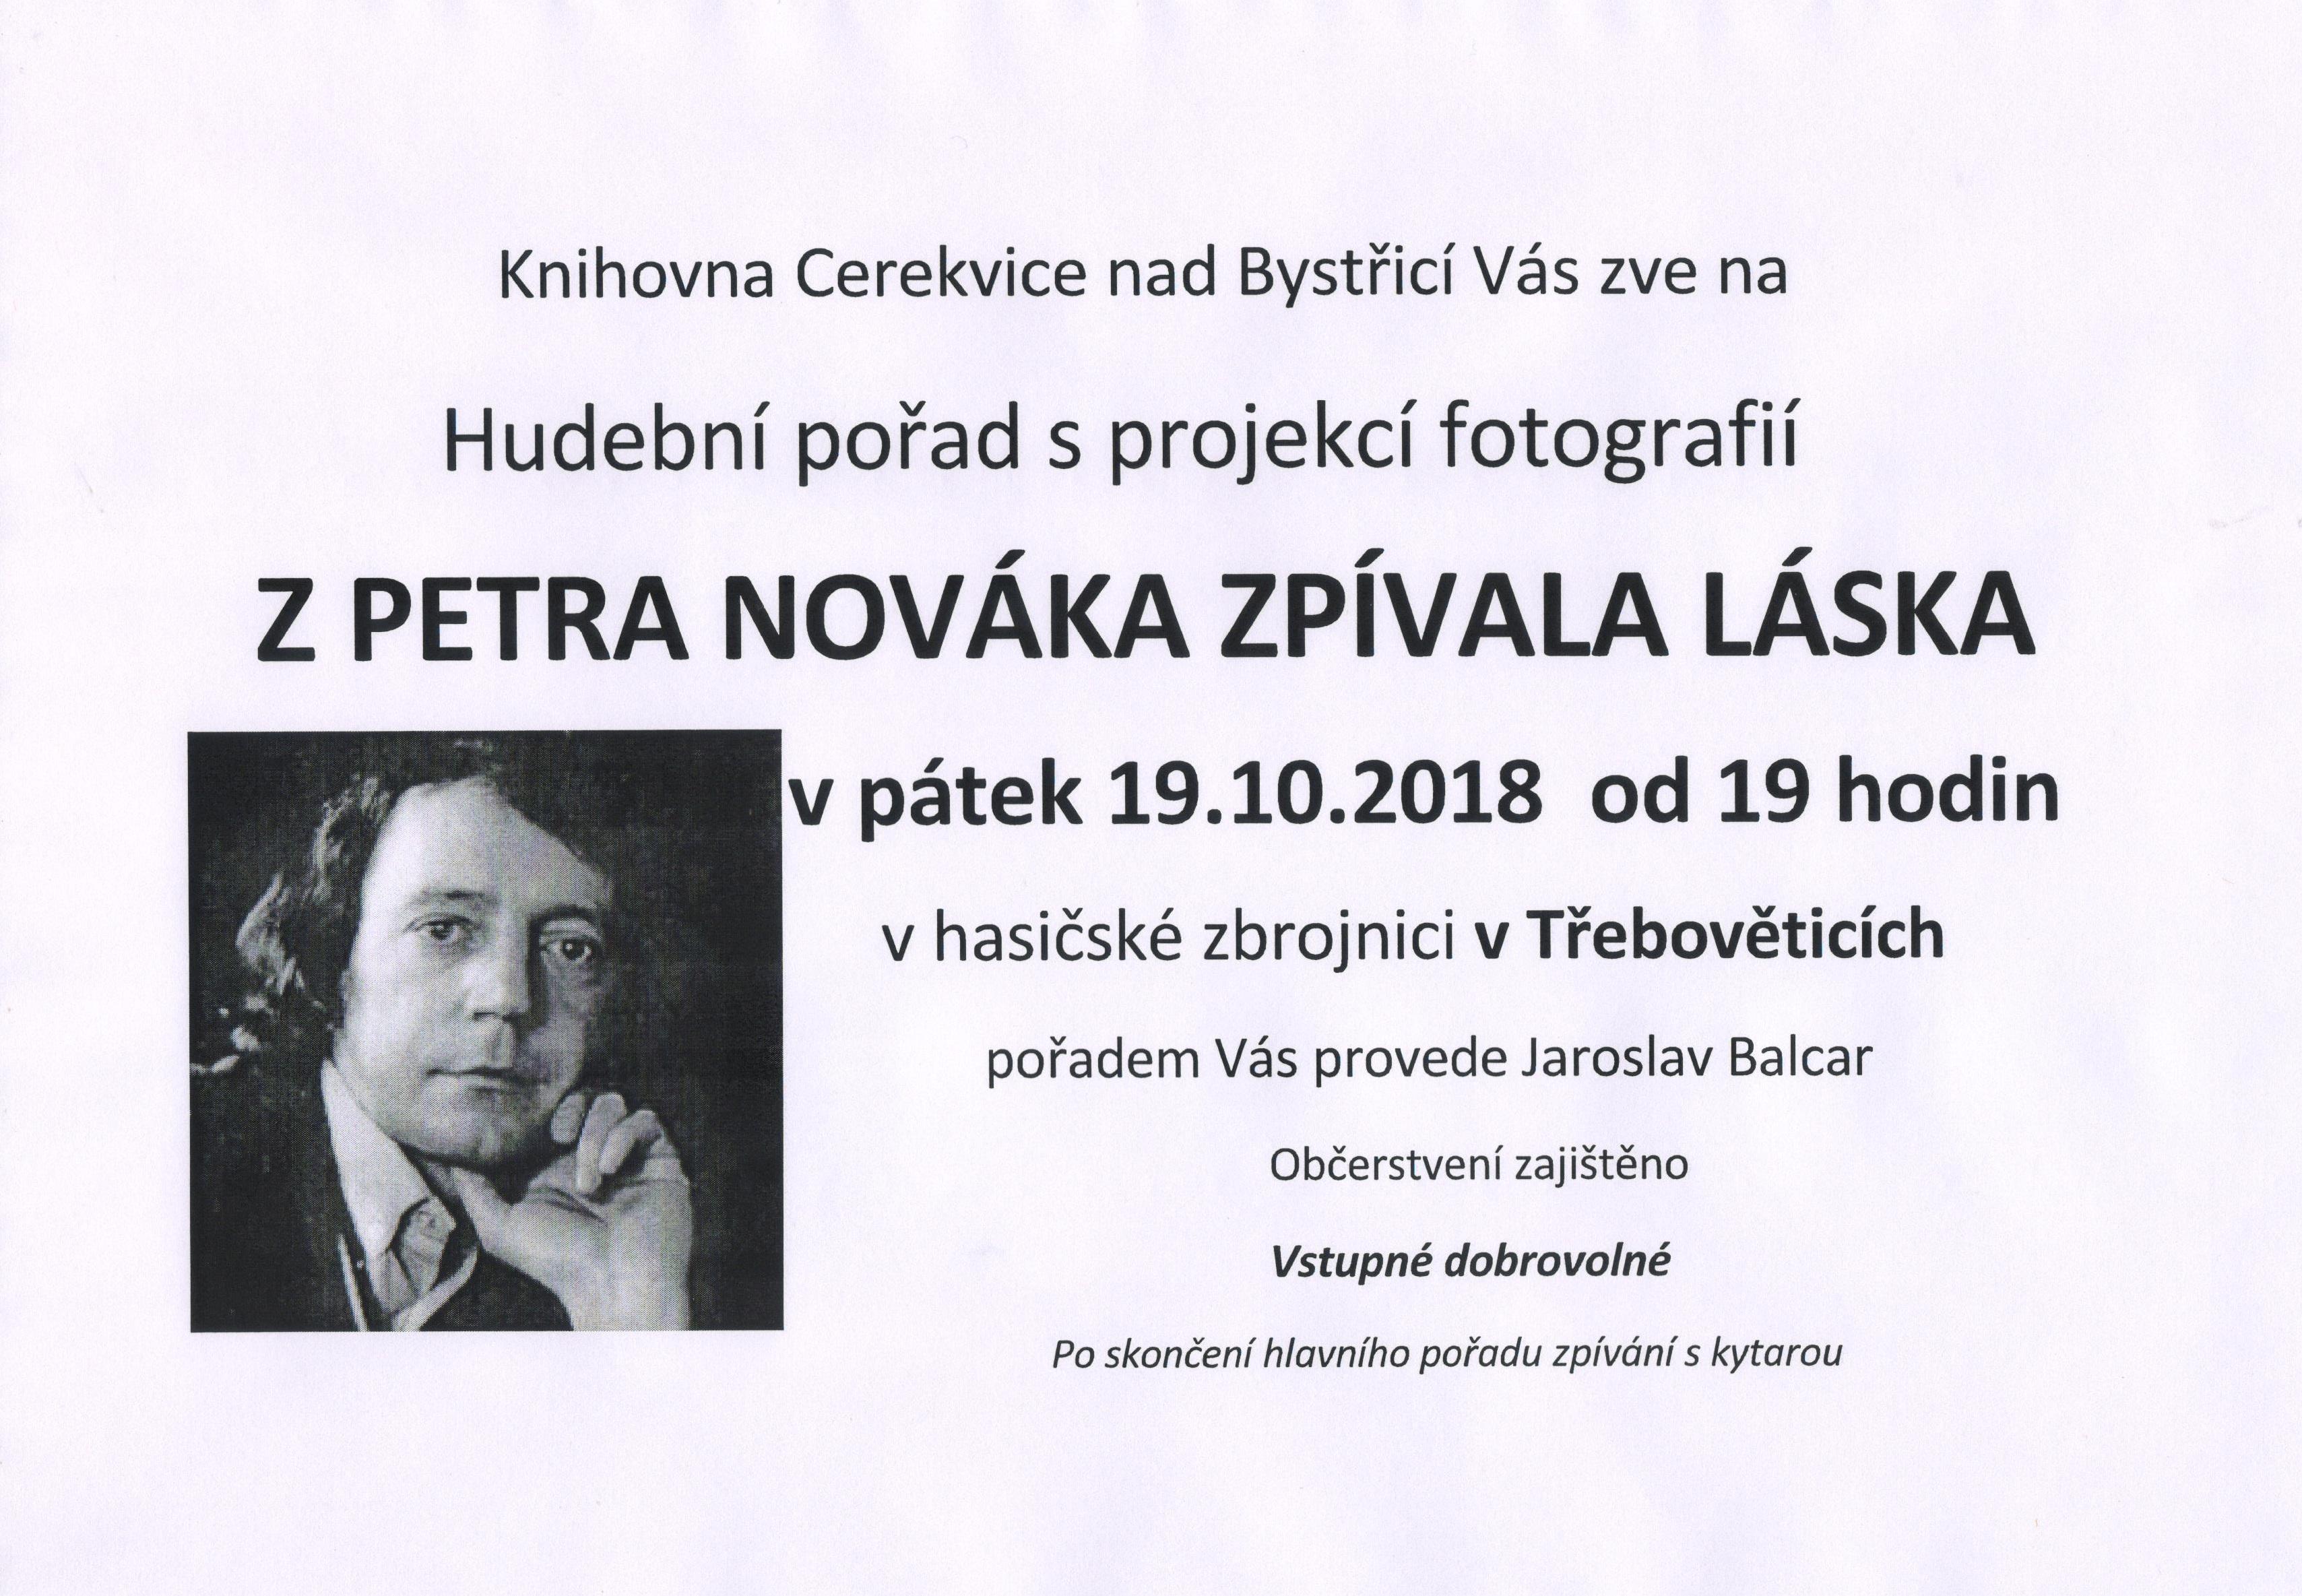 OBRÁZEK : petr_novak_1_001.jpg